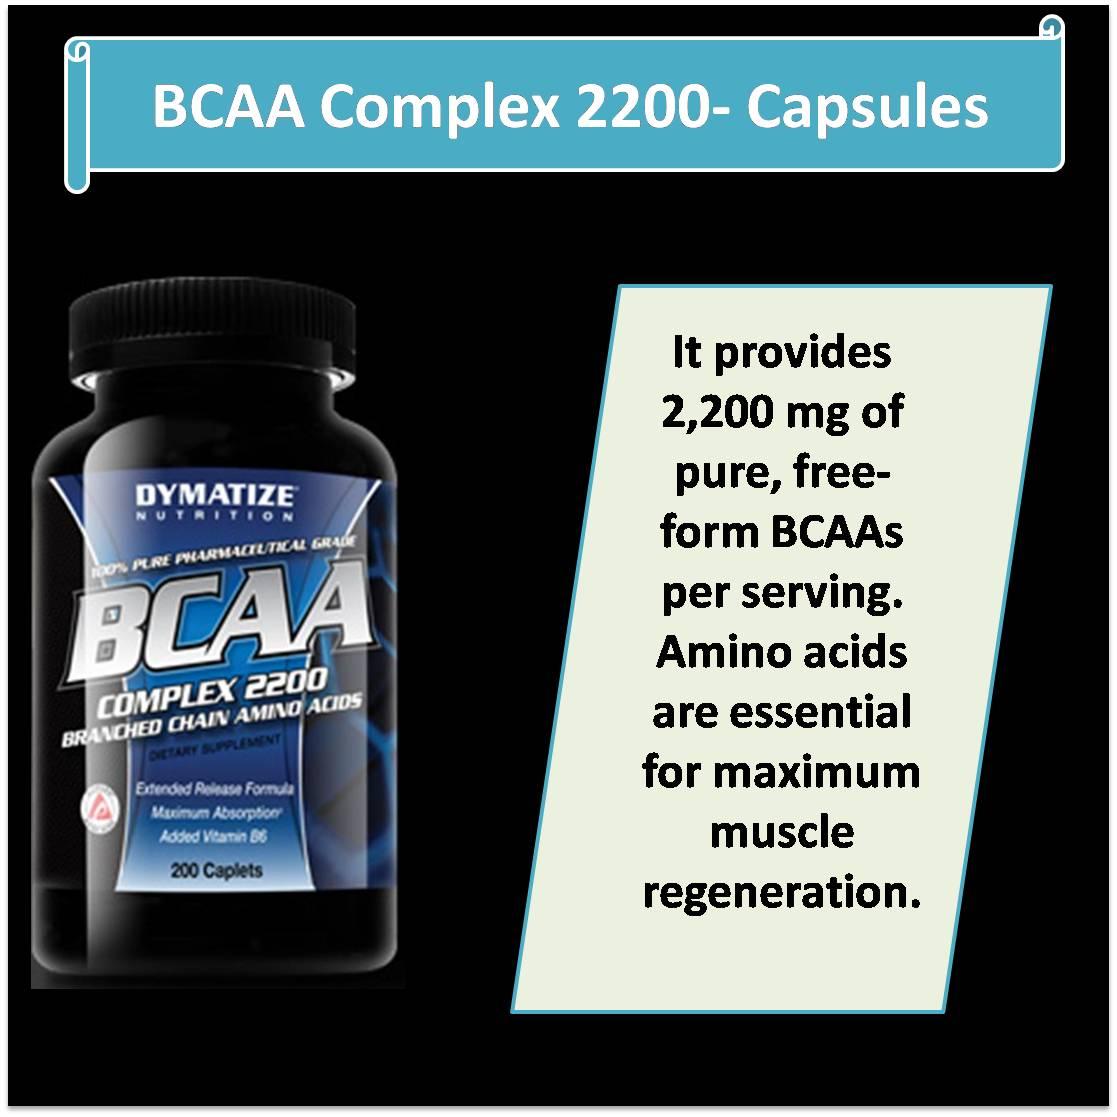 BCAA Complex 2200- Capsules